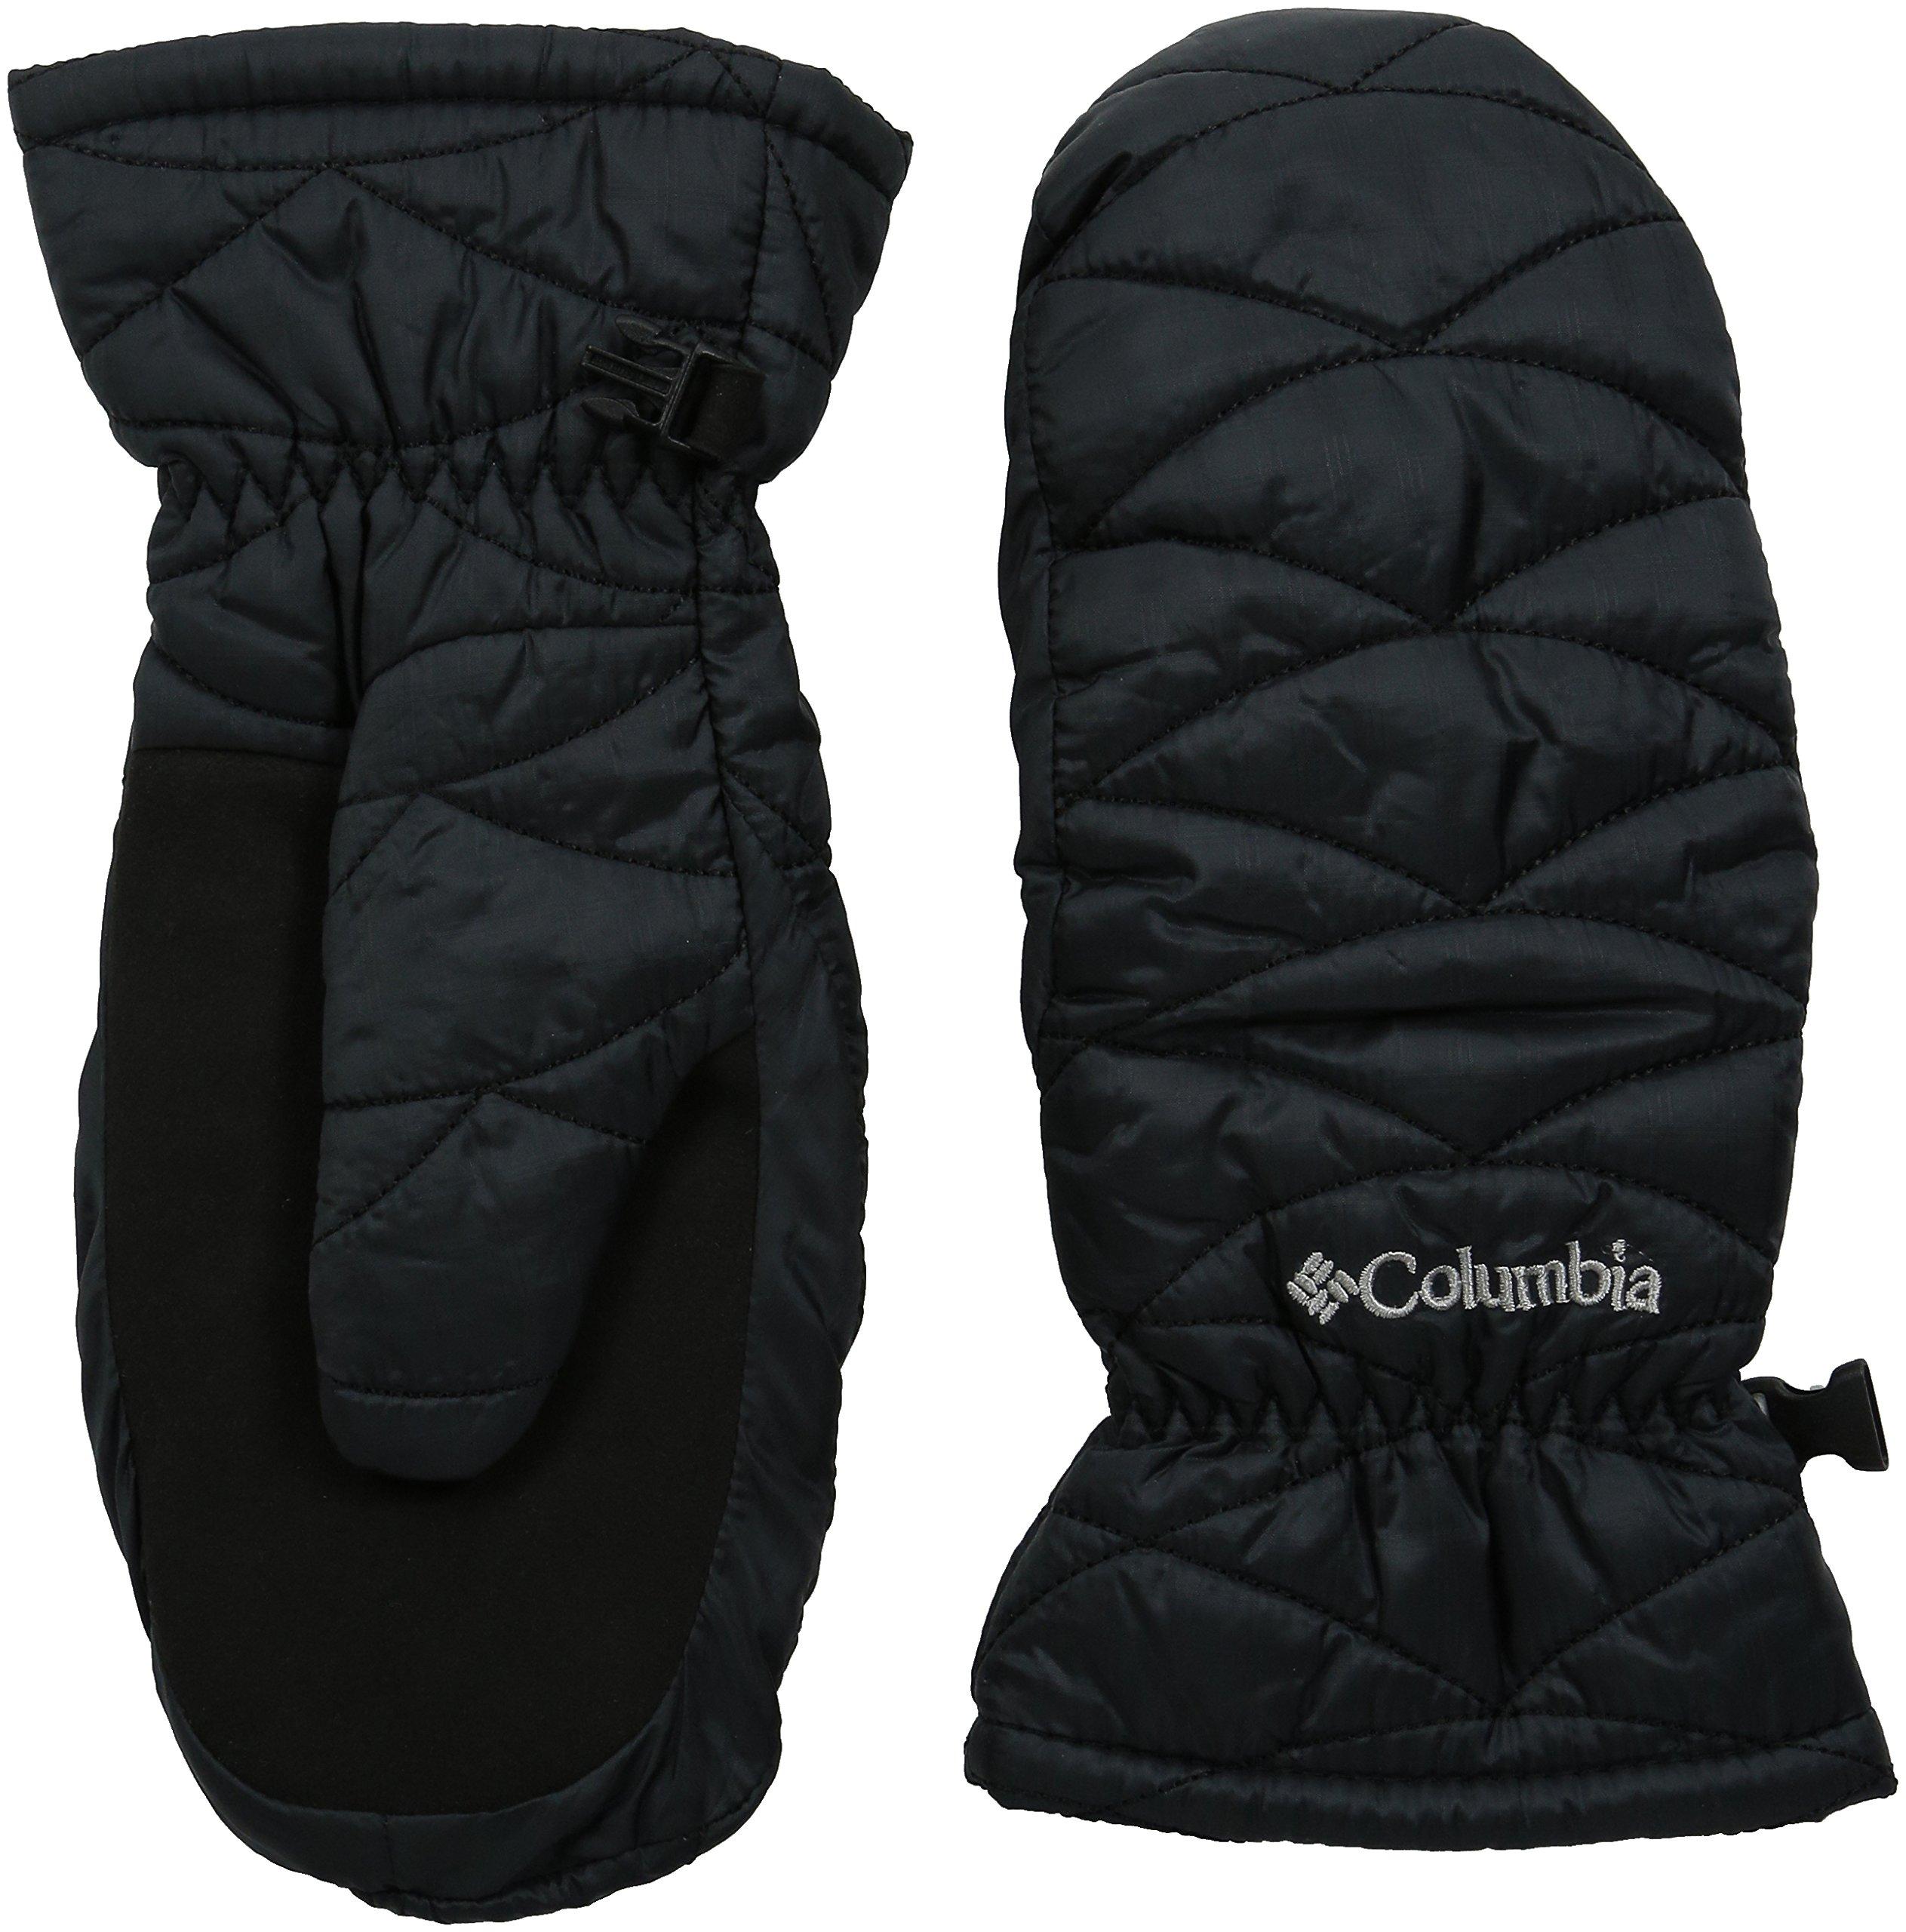 Columbia Sportswear Women's Mighty Lite Mitten, Black, Large